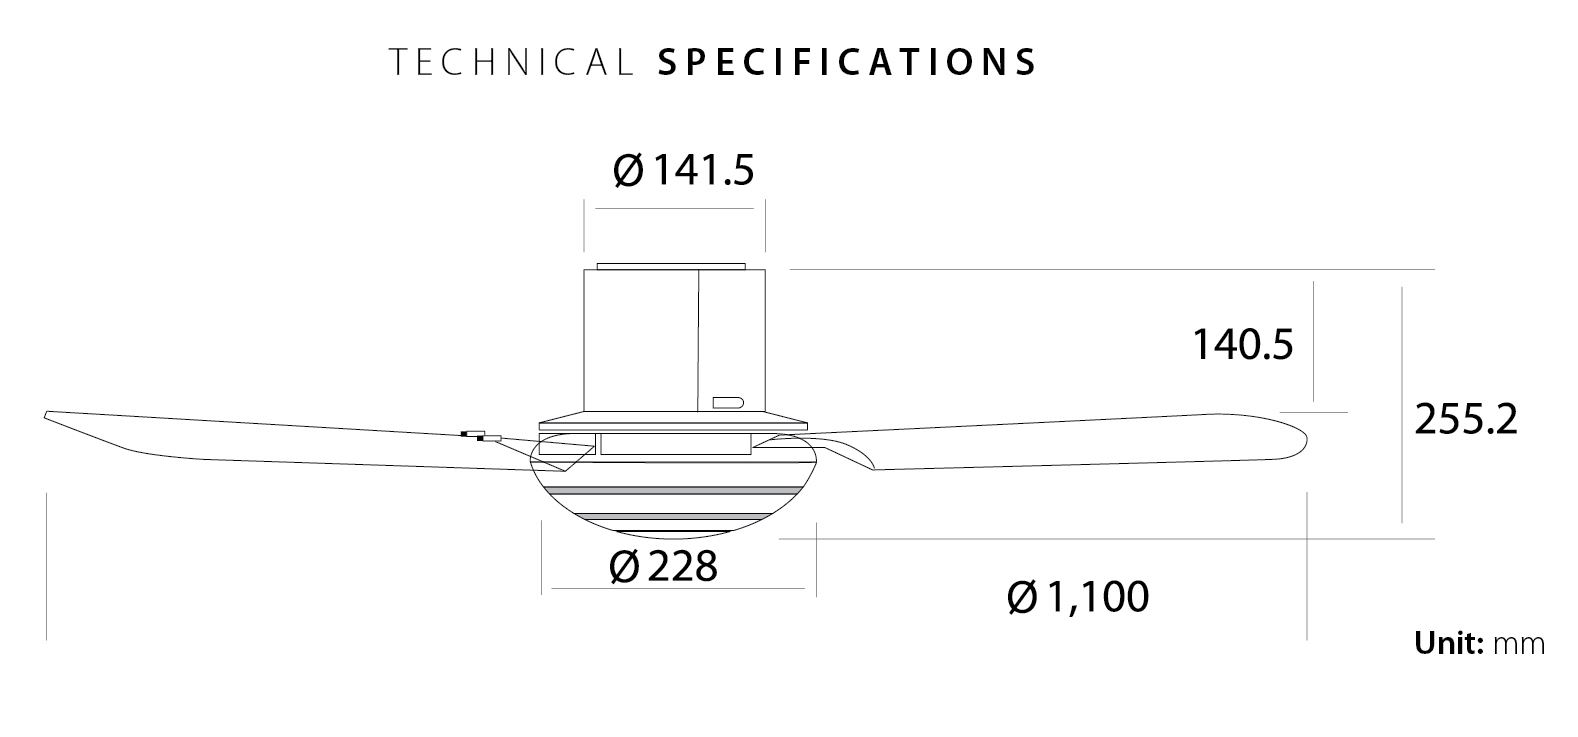 kdk-m11su-ceiling-fan-specifications-1-sembawang-lighting-house.jpeg